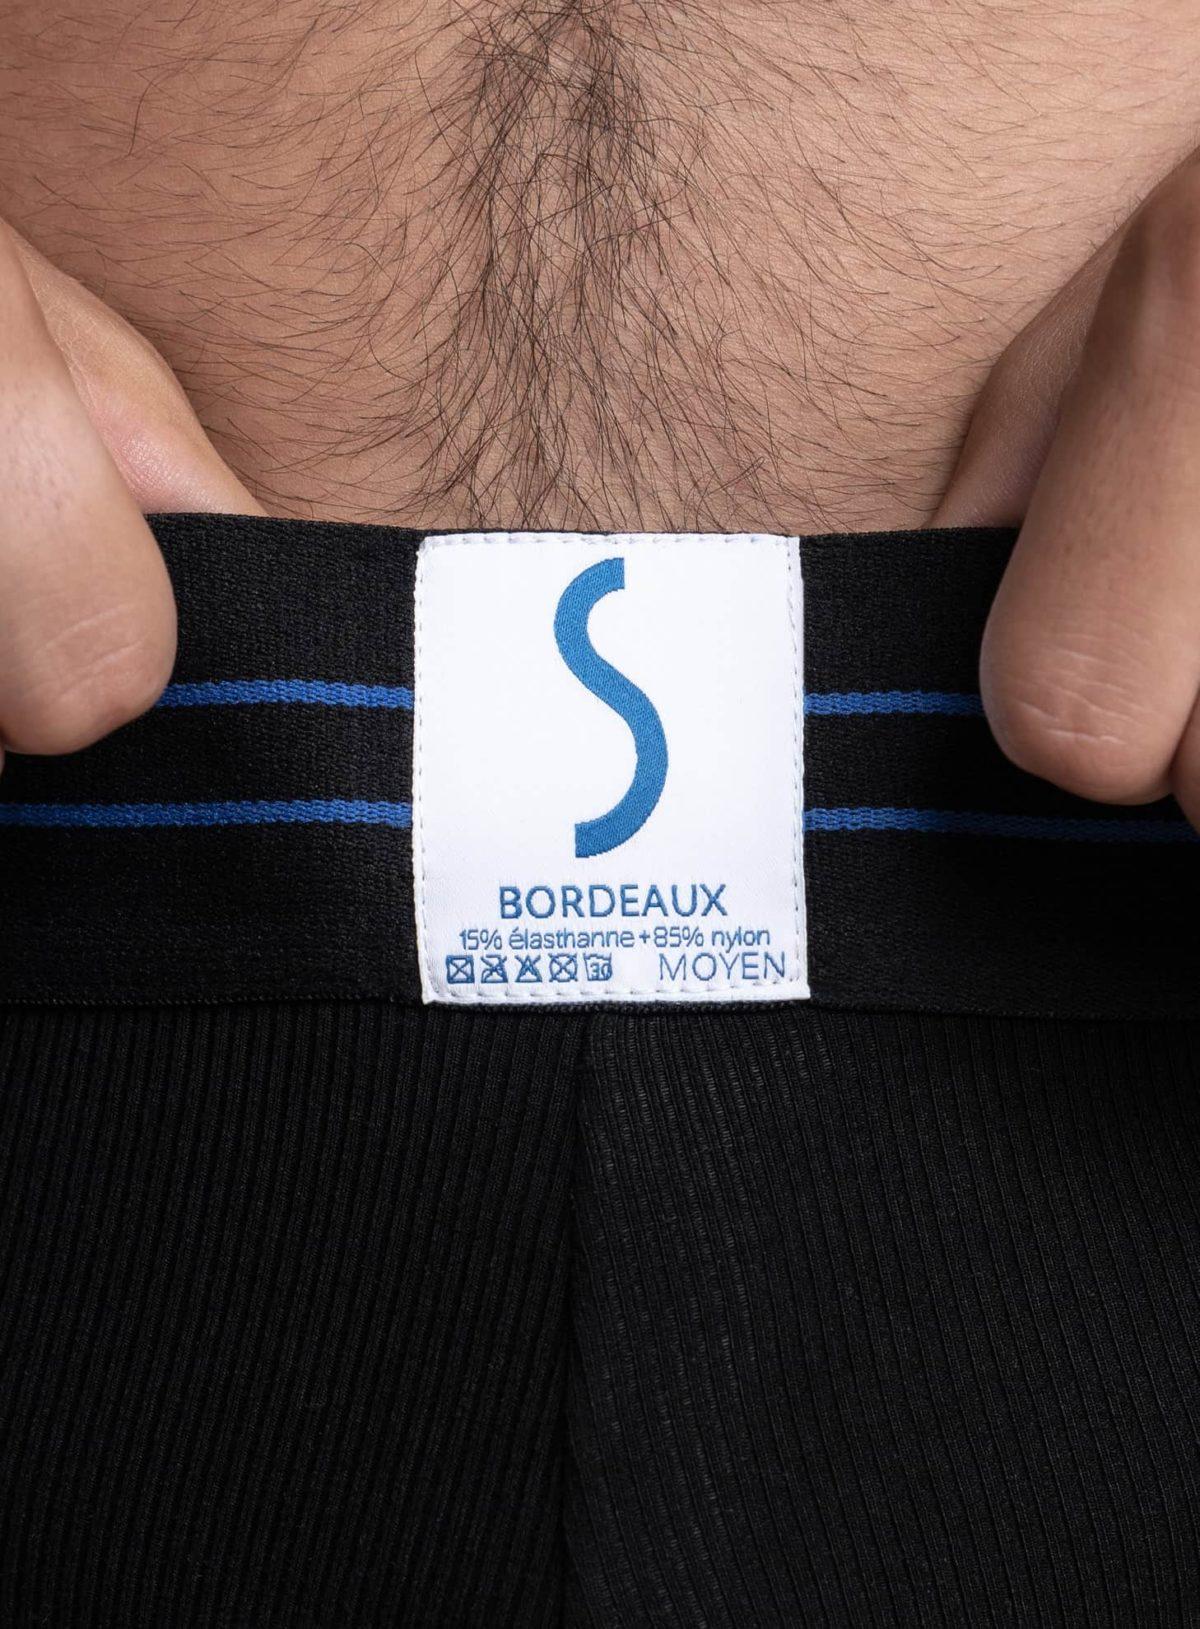 Zoom sur l'étiquette d'un slip sportif SportPro noir de la marque S BORDEAUX